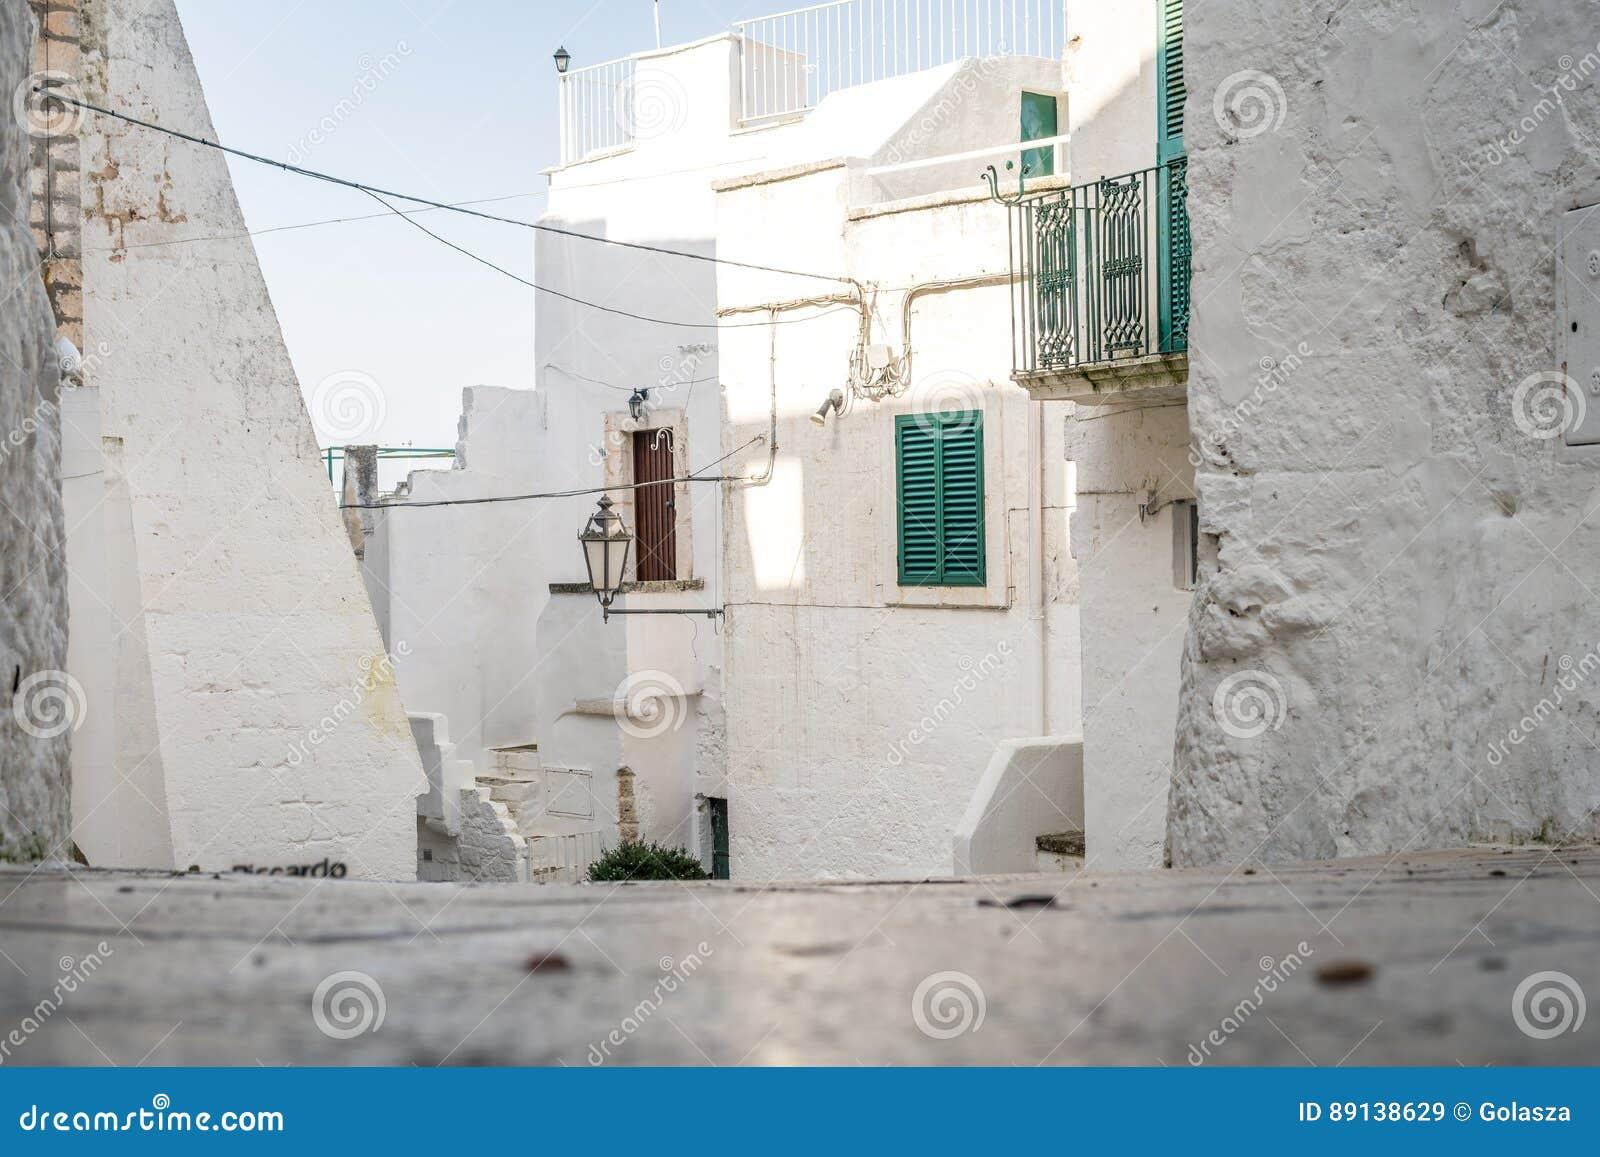 狭窄的街道在白色市奥斯图尼,普利亚,意大利